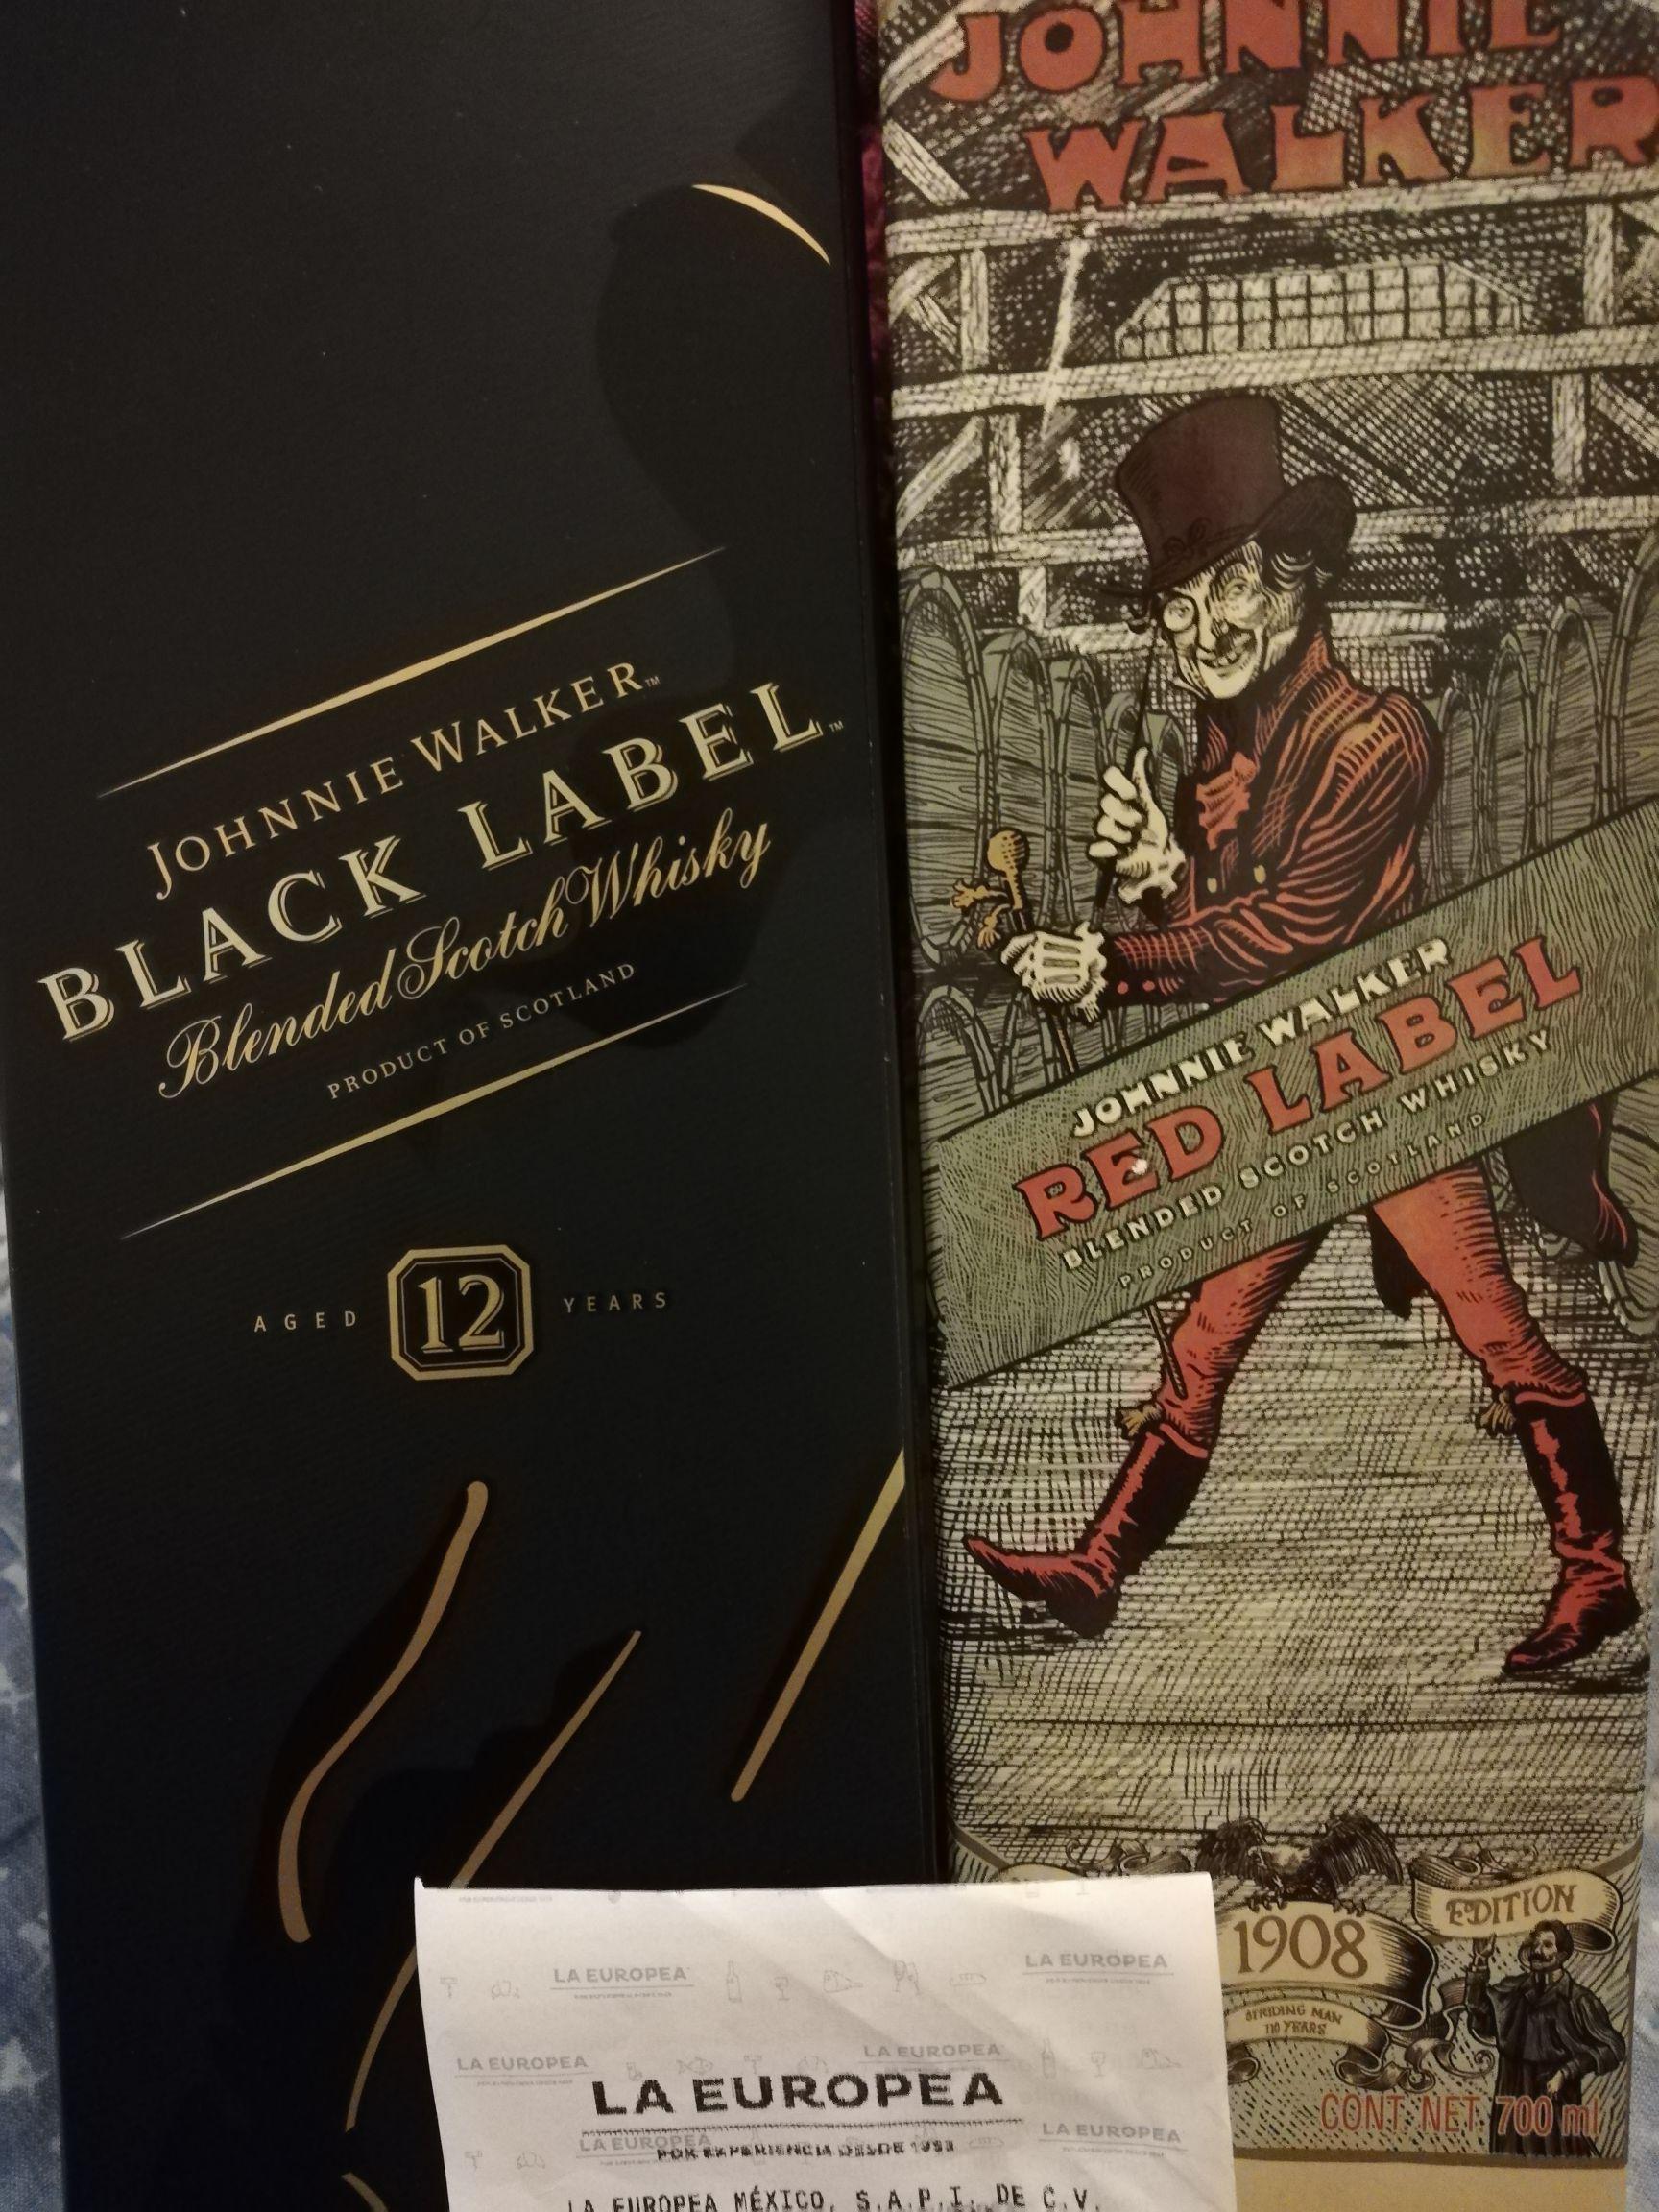 La Europea: Johnny Walker Black label y otros en oferta